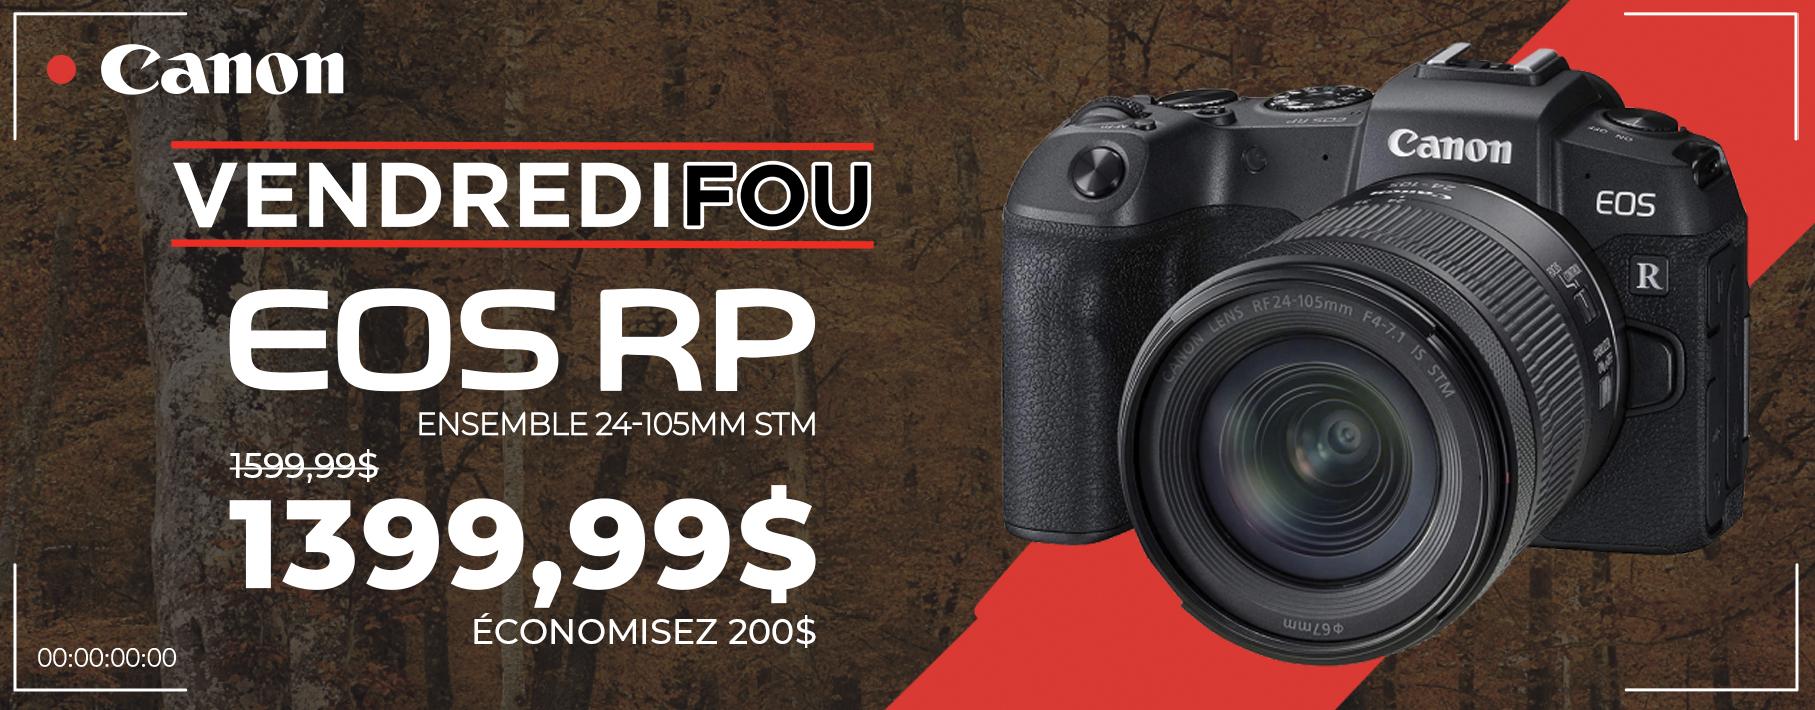 BF20 Canon